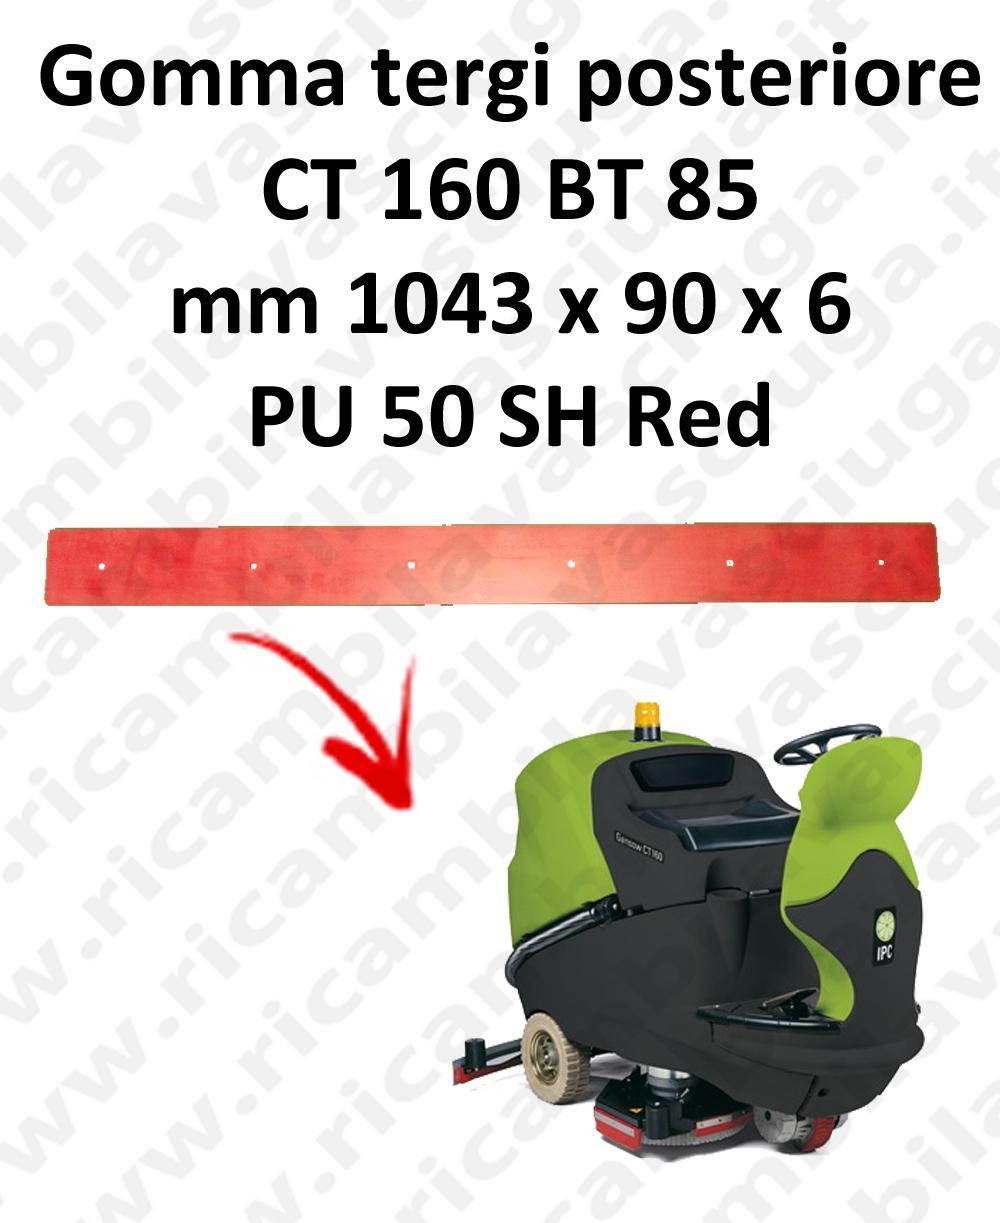 CT 160 BT 85 GOMMA TERGI posteriore per tergipavimento IPC